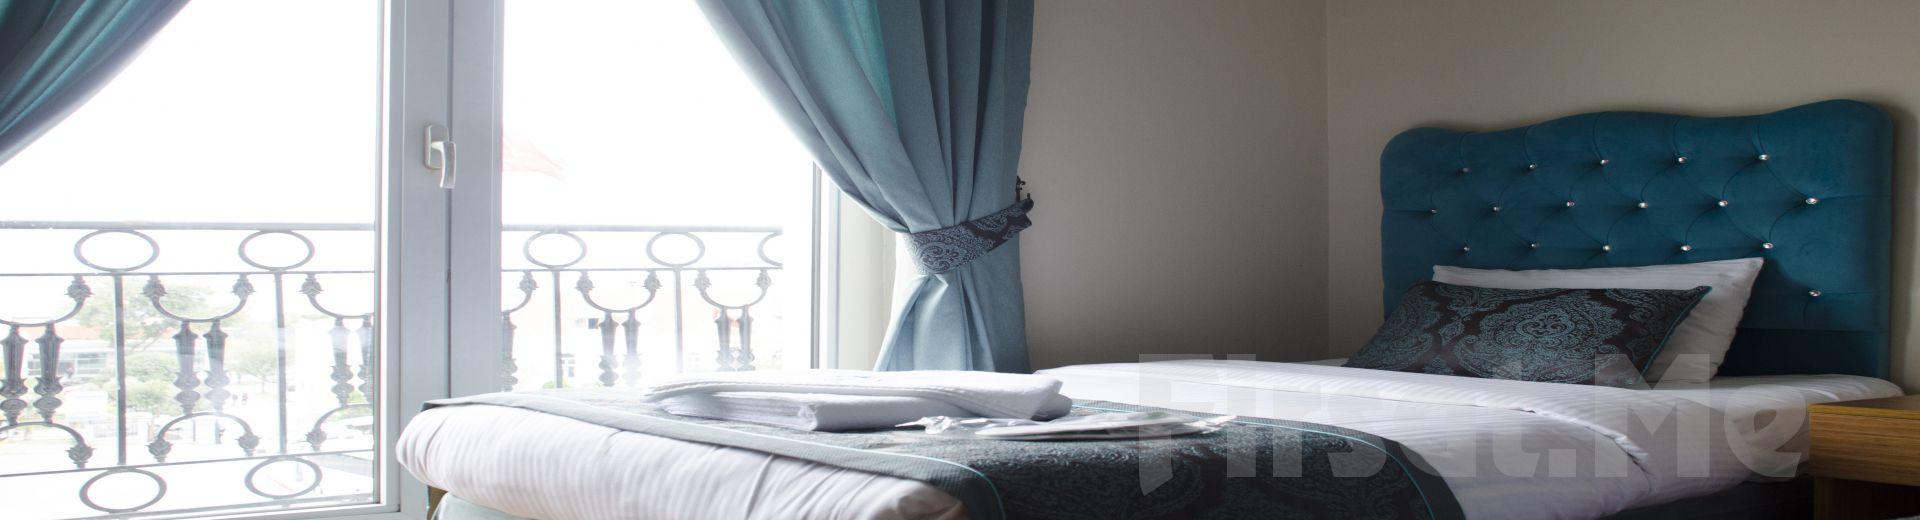 Deniz Manzaralı Zeytinburnu Panorama Otel'de Konaklama + Kahvaltı Keyfi!